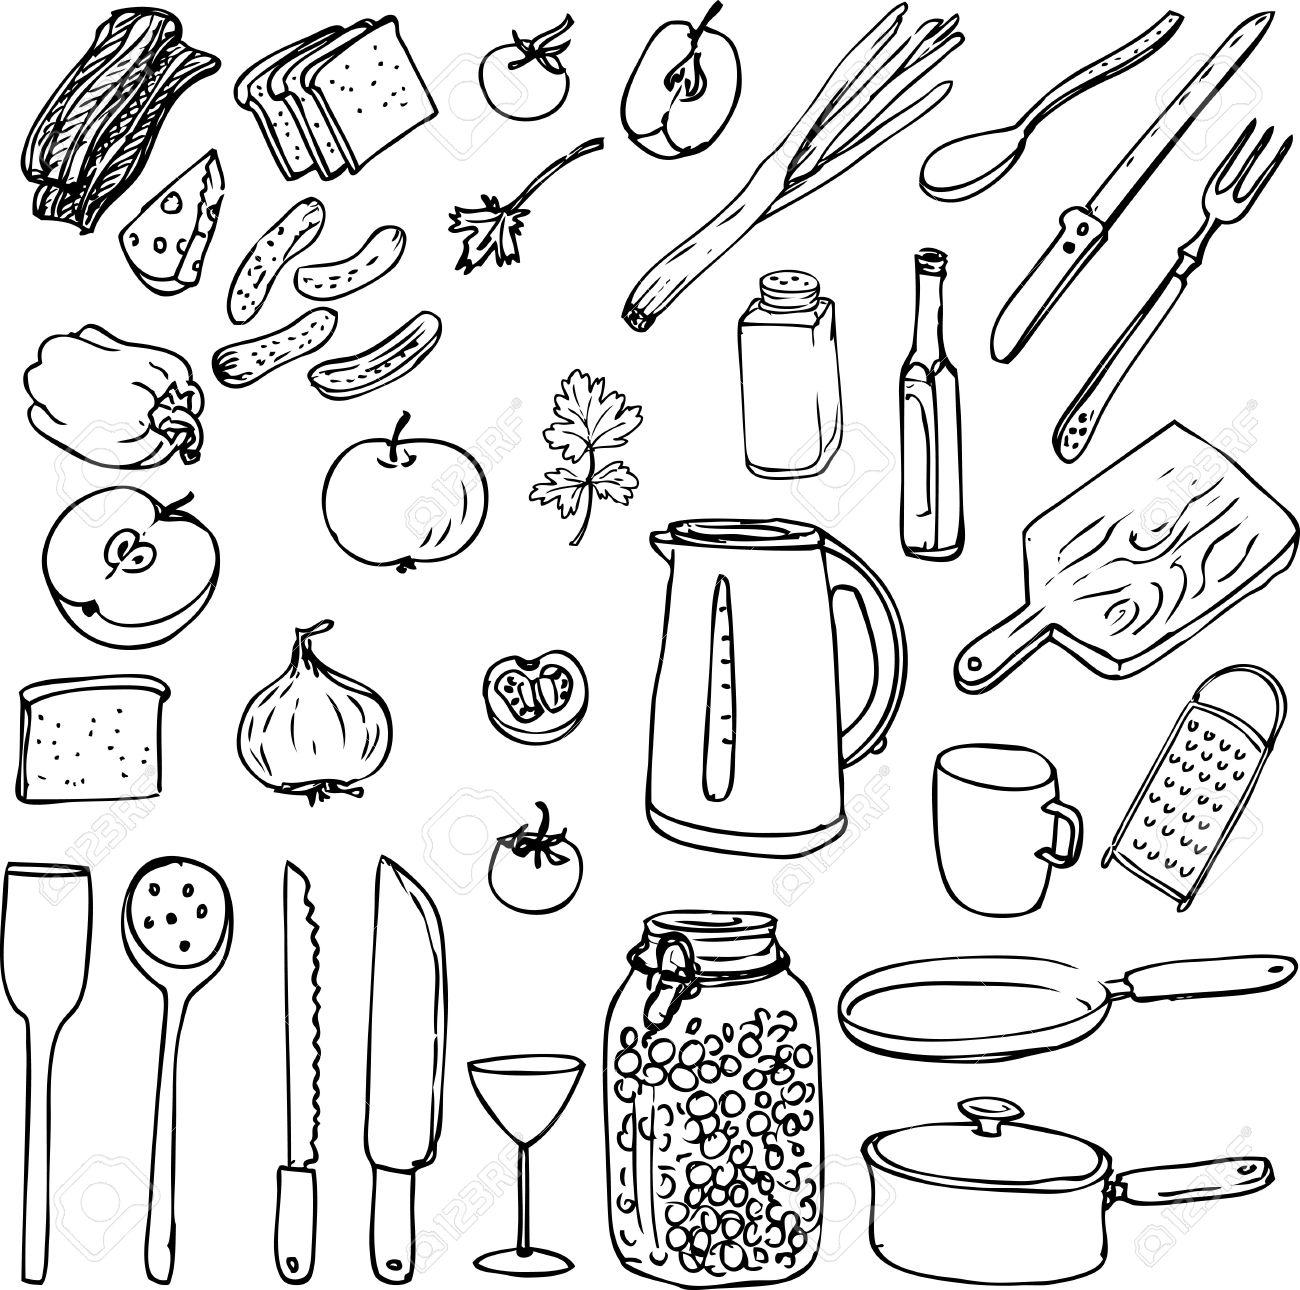 Skizze Lebensmittel Geschirr Und Kuchengerate Hand Gezeichnet Vektor Illustration Lizenzfrei Nutzbare Vektorgrafiken Clip Arts Illustrationen Image 39528499